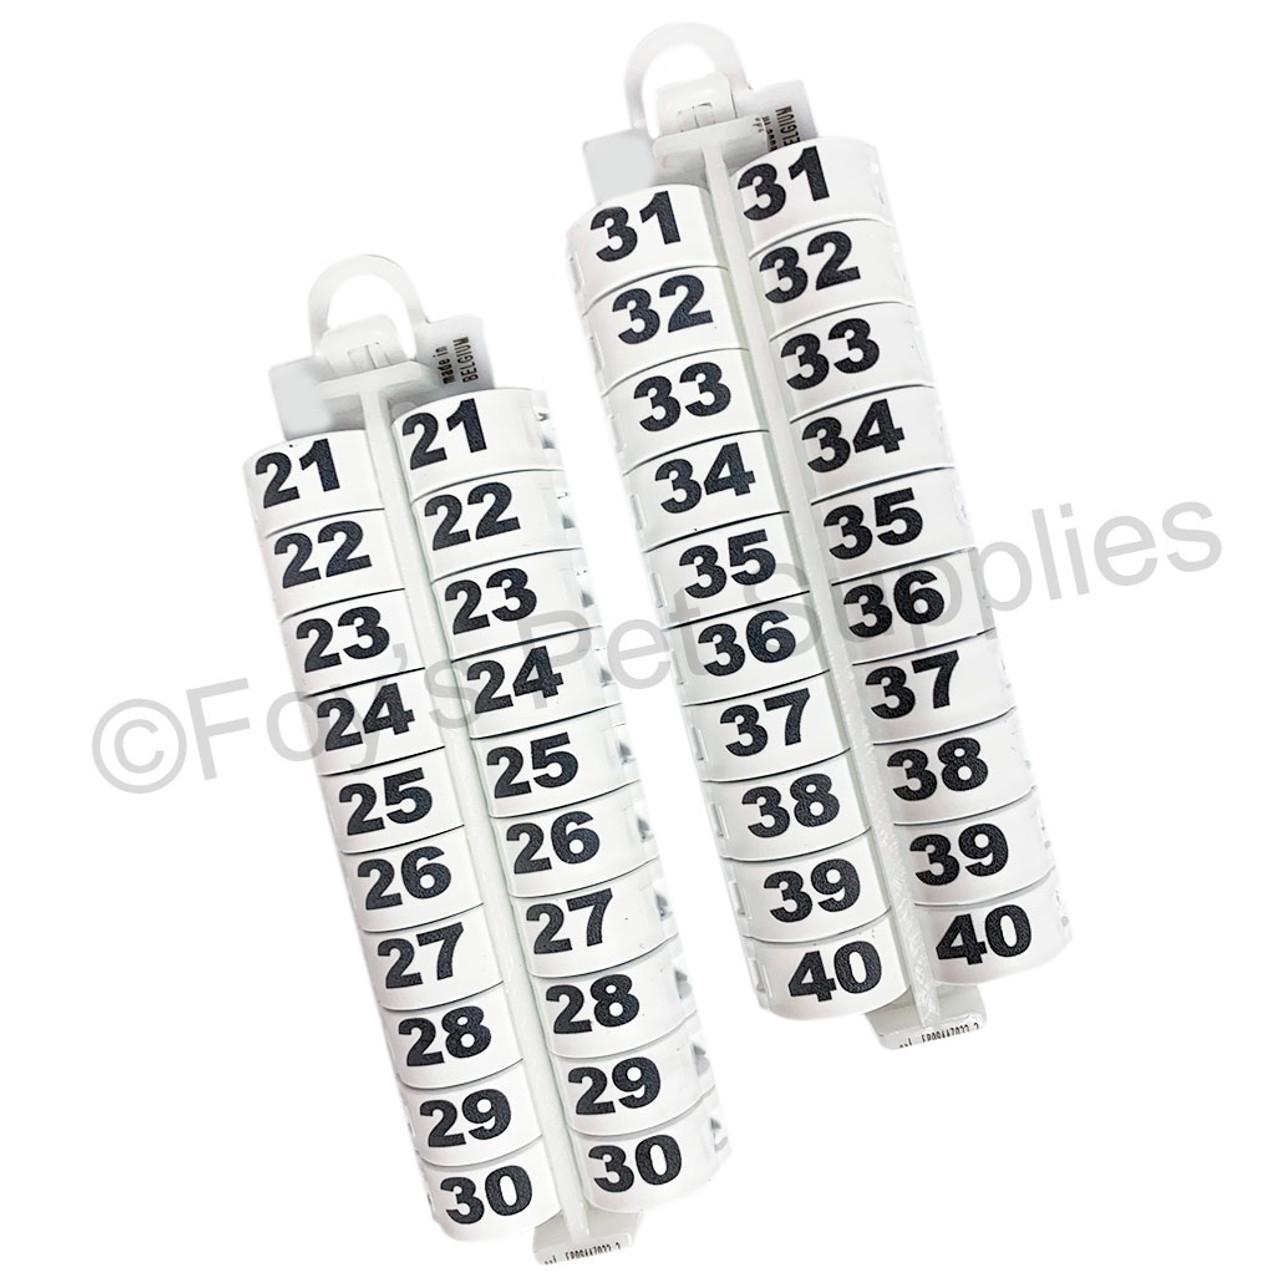 E-Z LOCKRINGS W/ NUMBERS 21 - 40 (10MM)